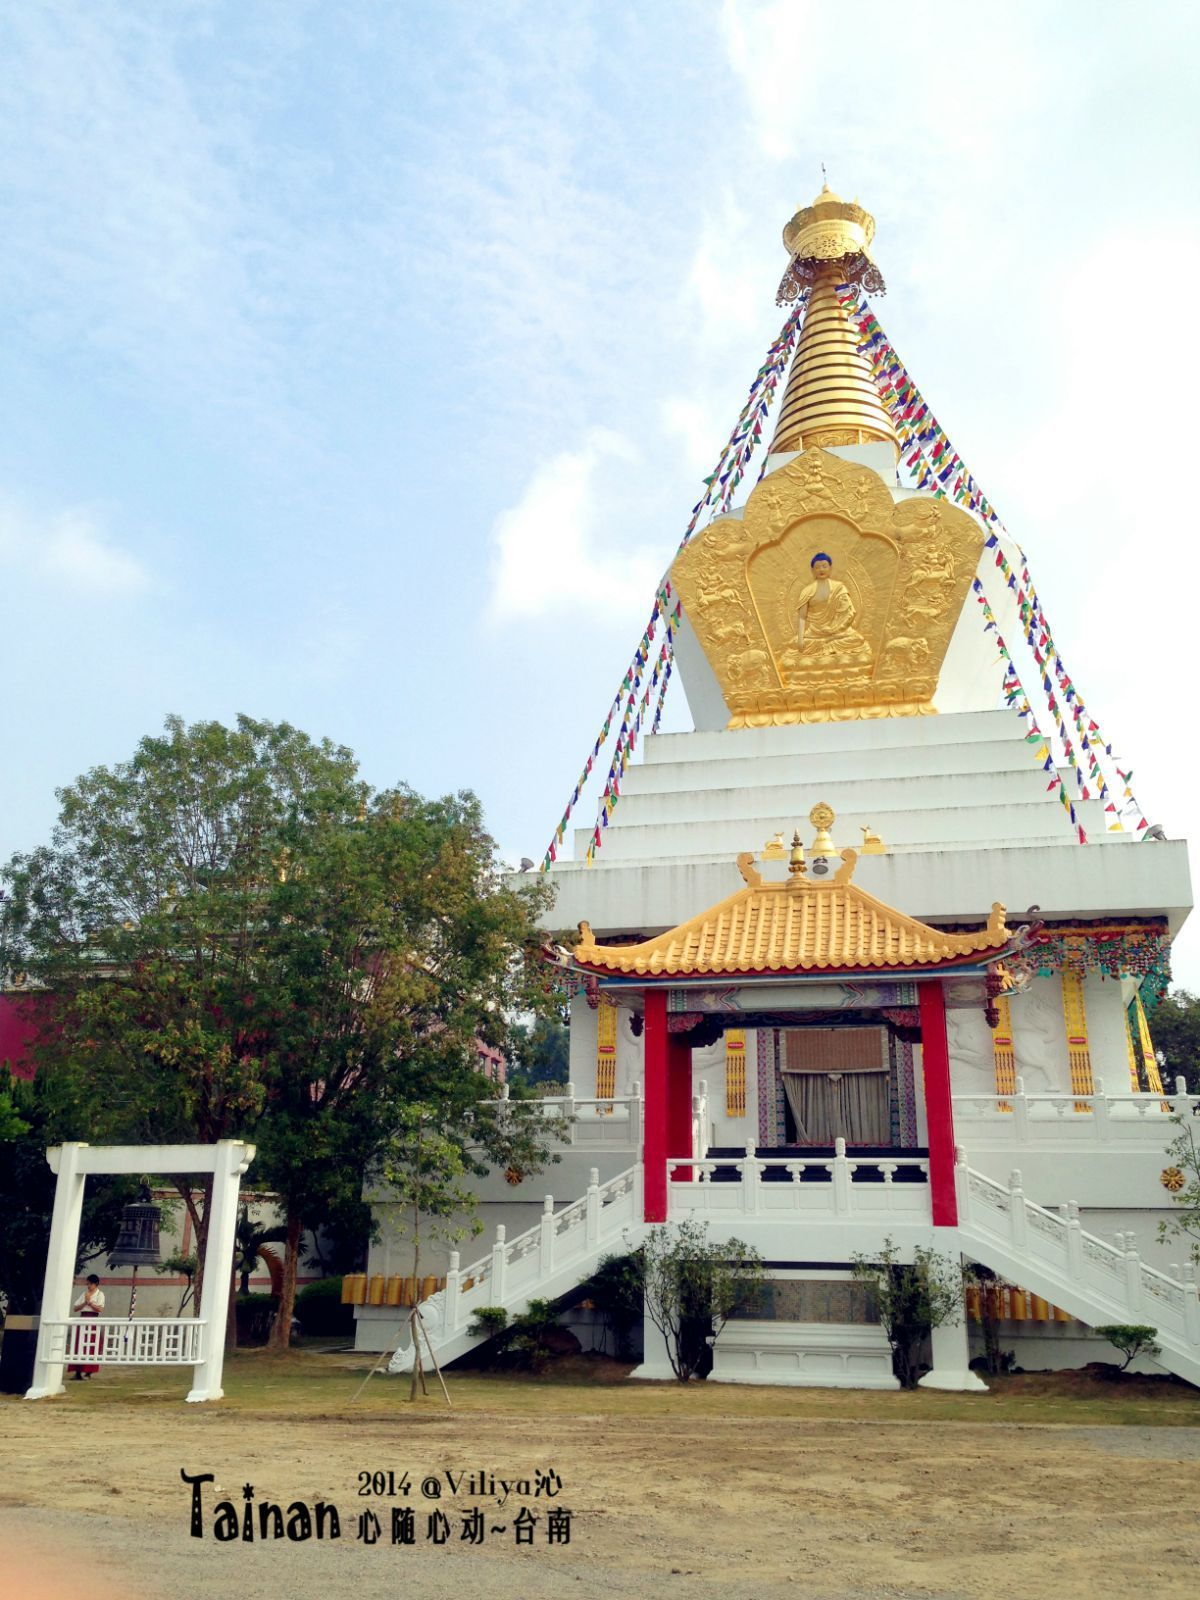 本寺佛塔形制,属于「菩提塔」.